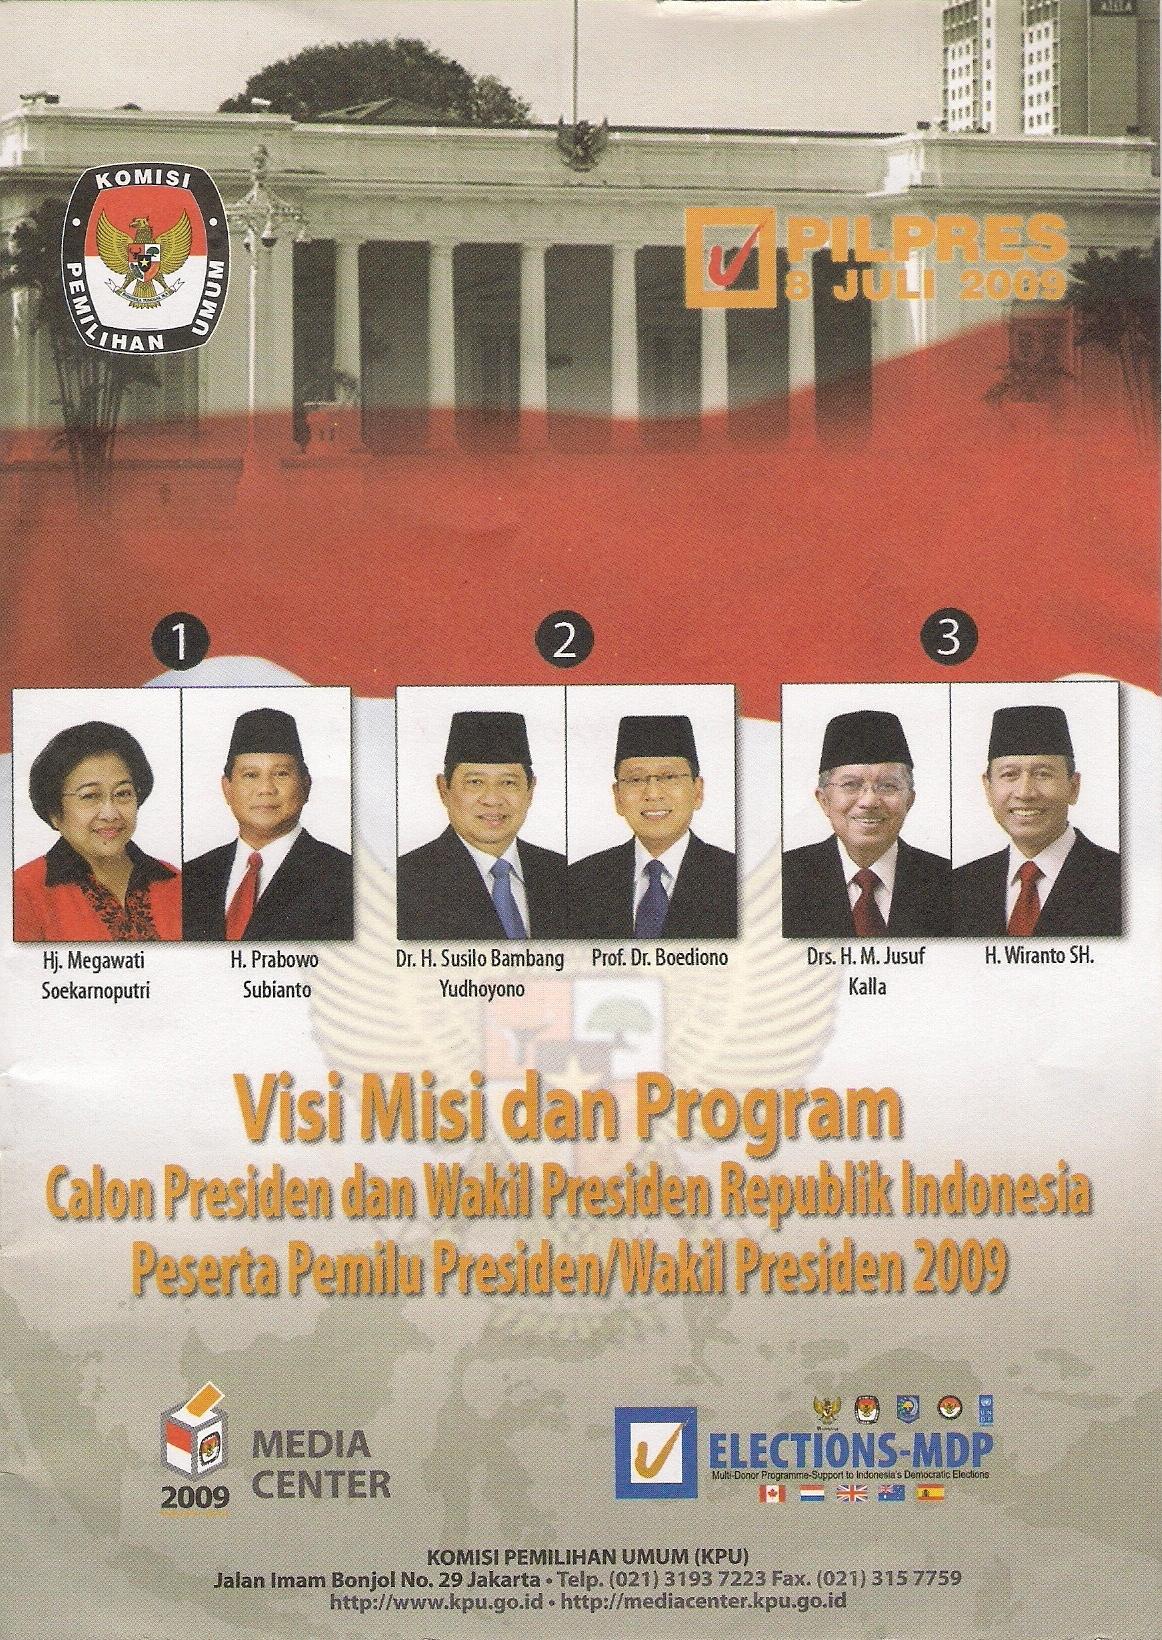 Visi Misi dan Program Calon Presiden-Wakil Presiden RI Pilpres 2009